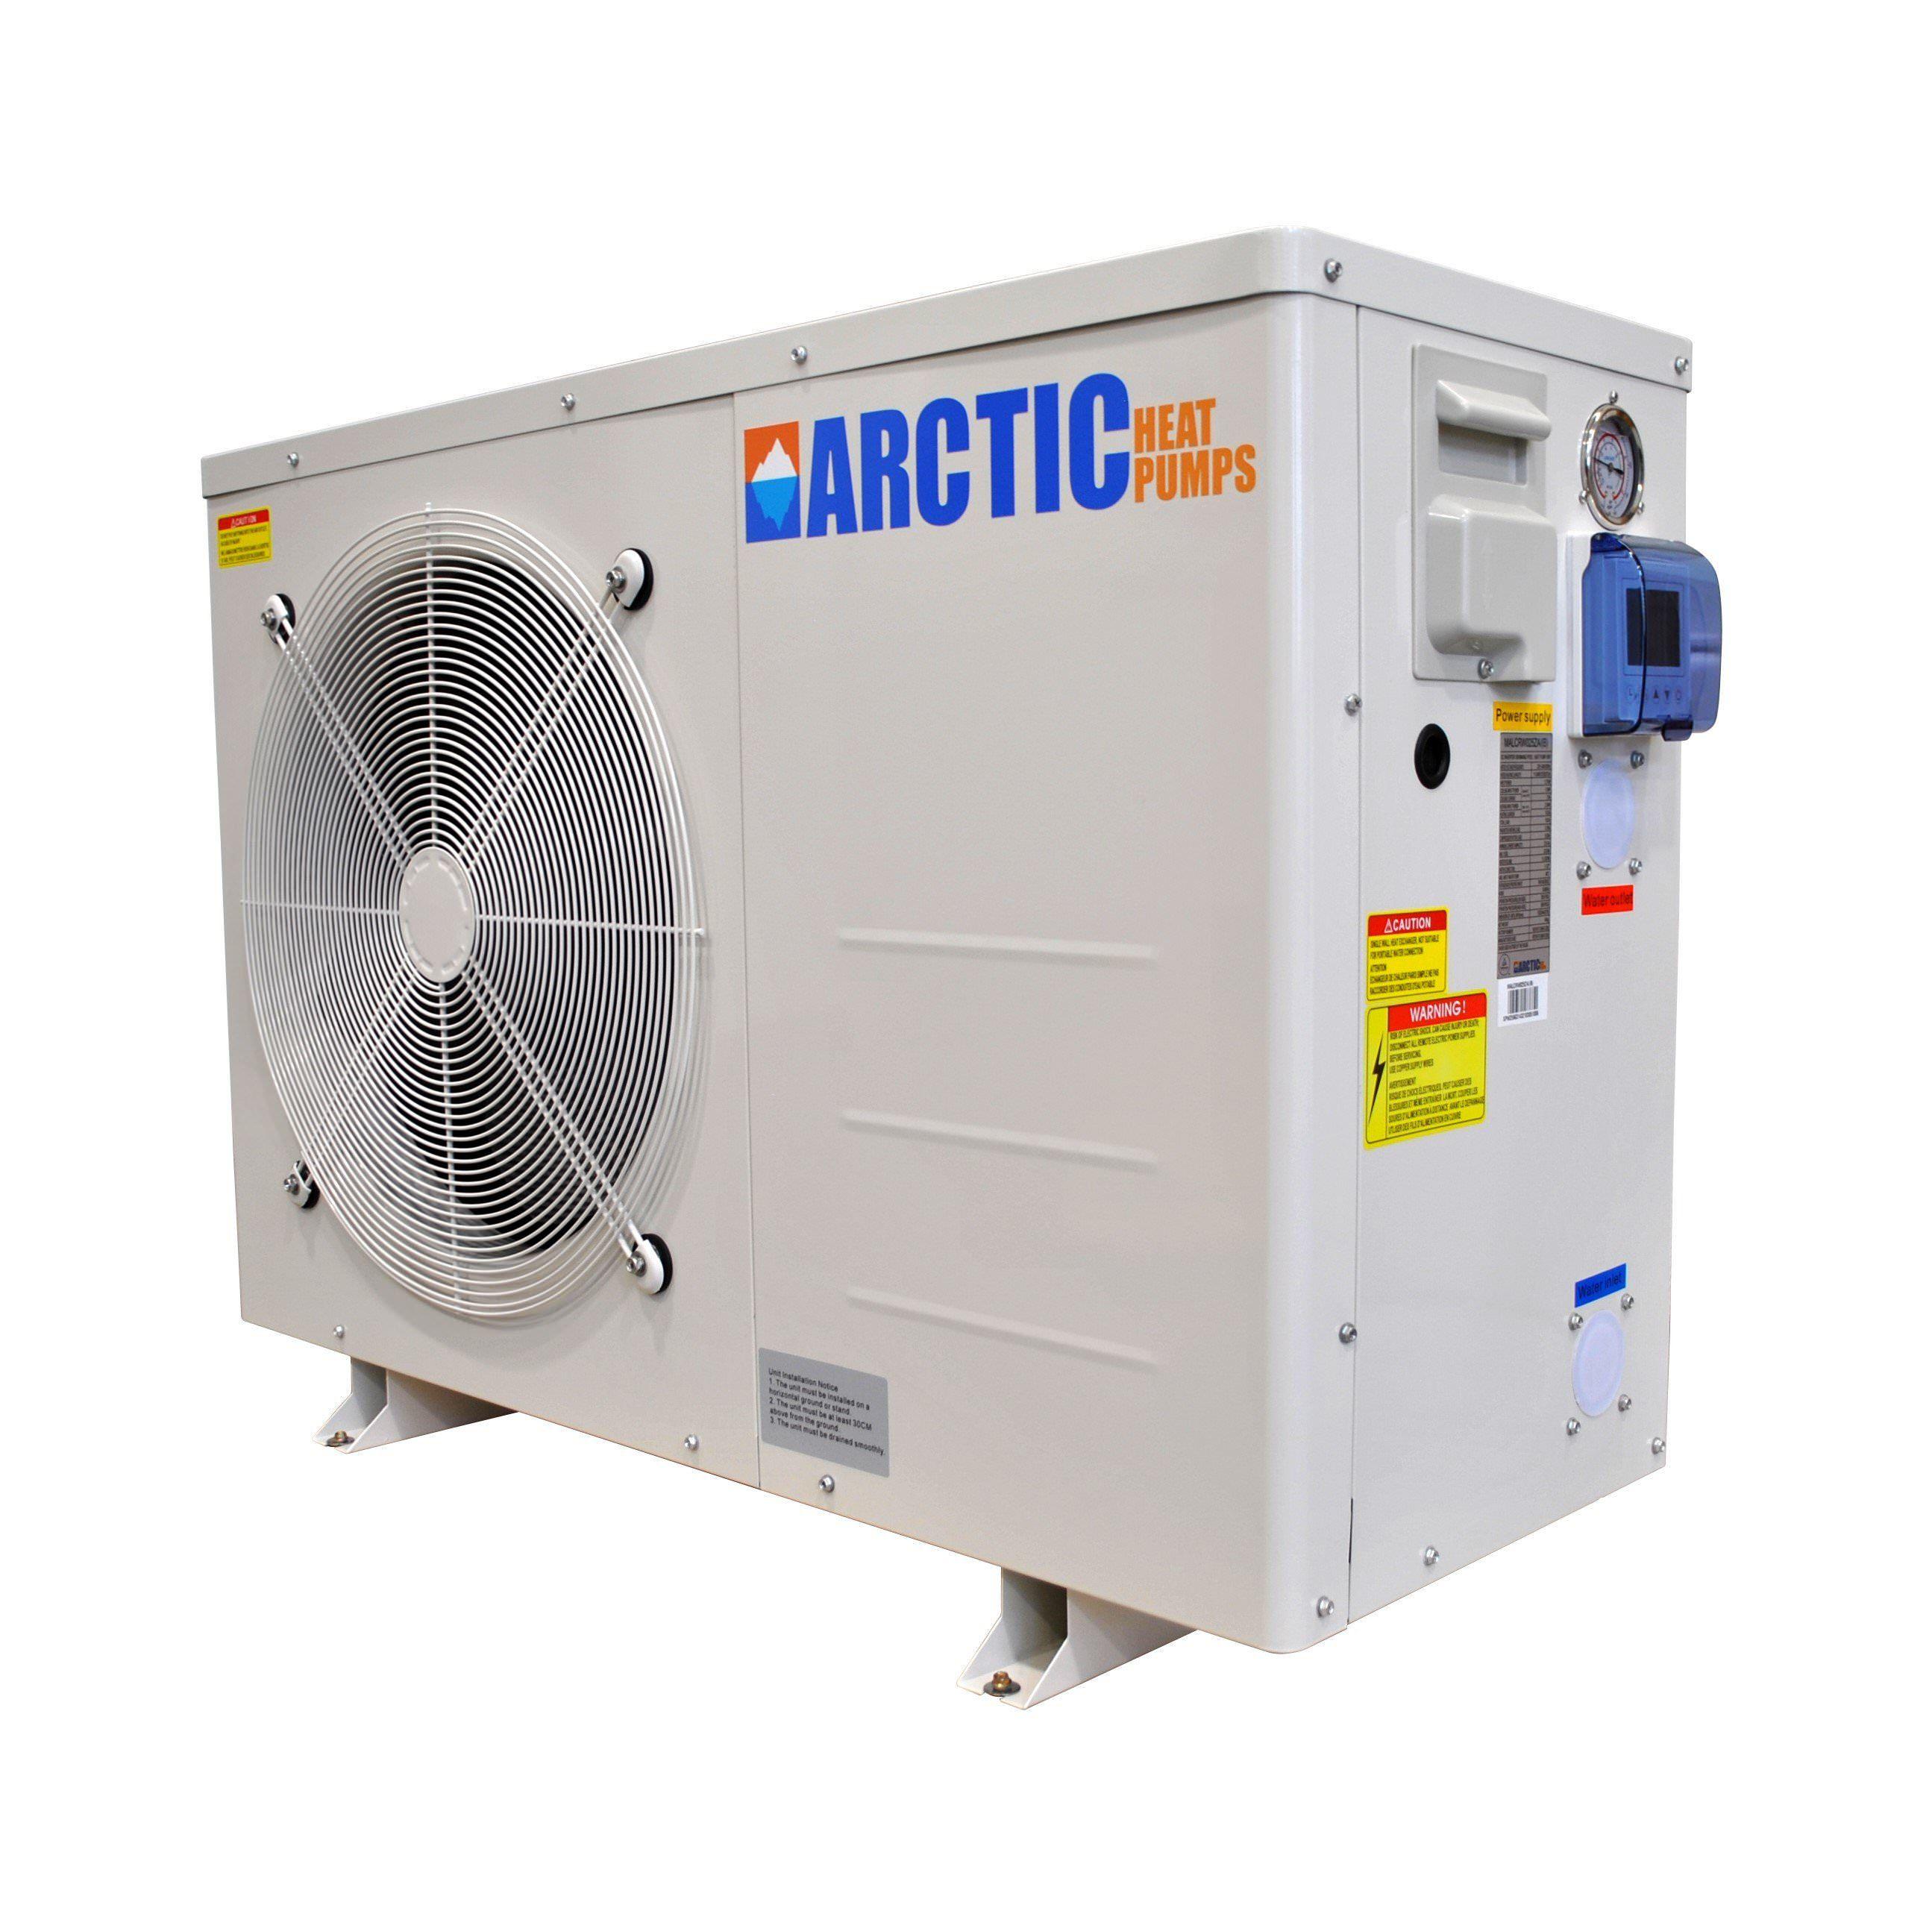 Arctic Titanium Heat Pump for Swimming Pools and Spas - Heats & Chills - 37,500 BTU - DC Inverter